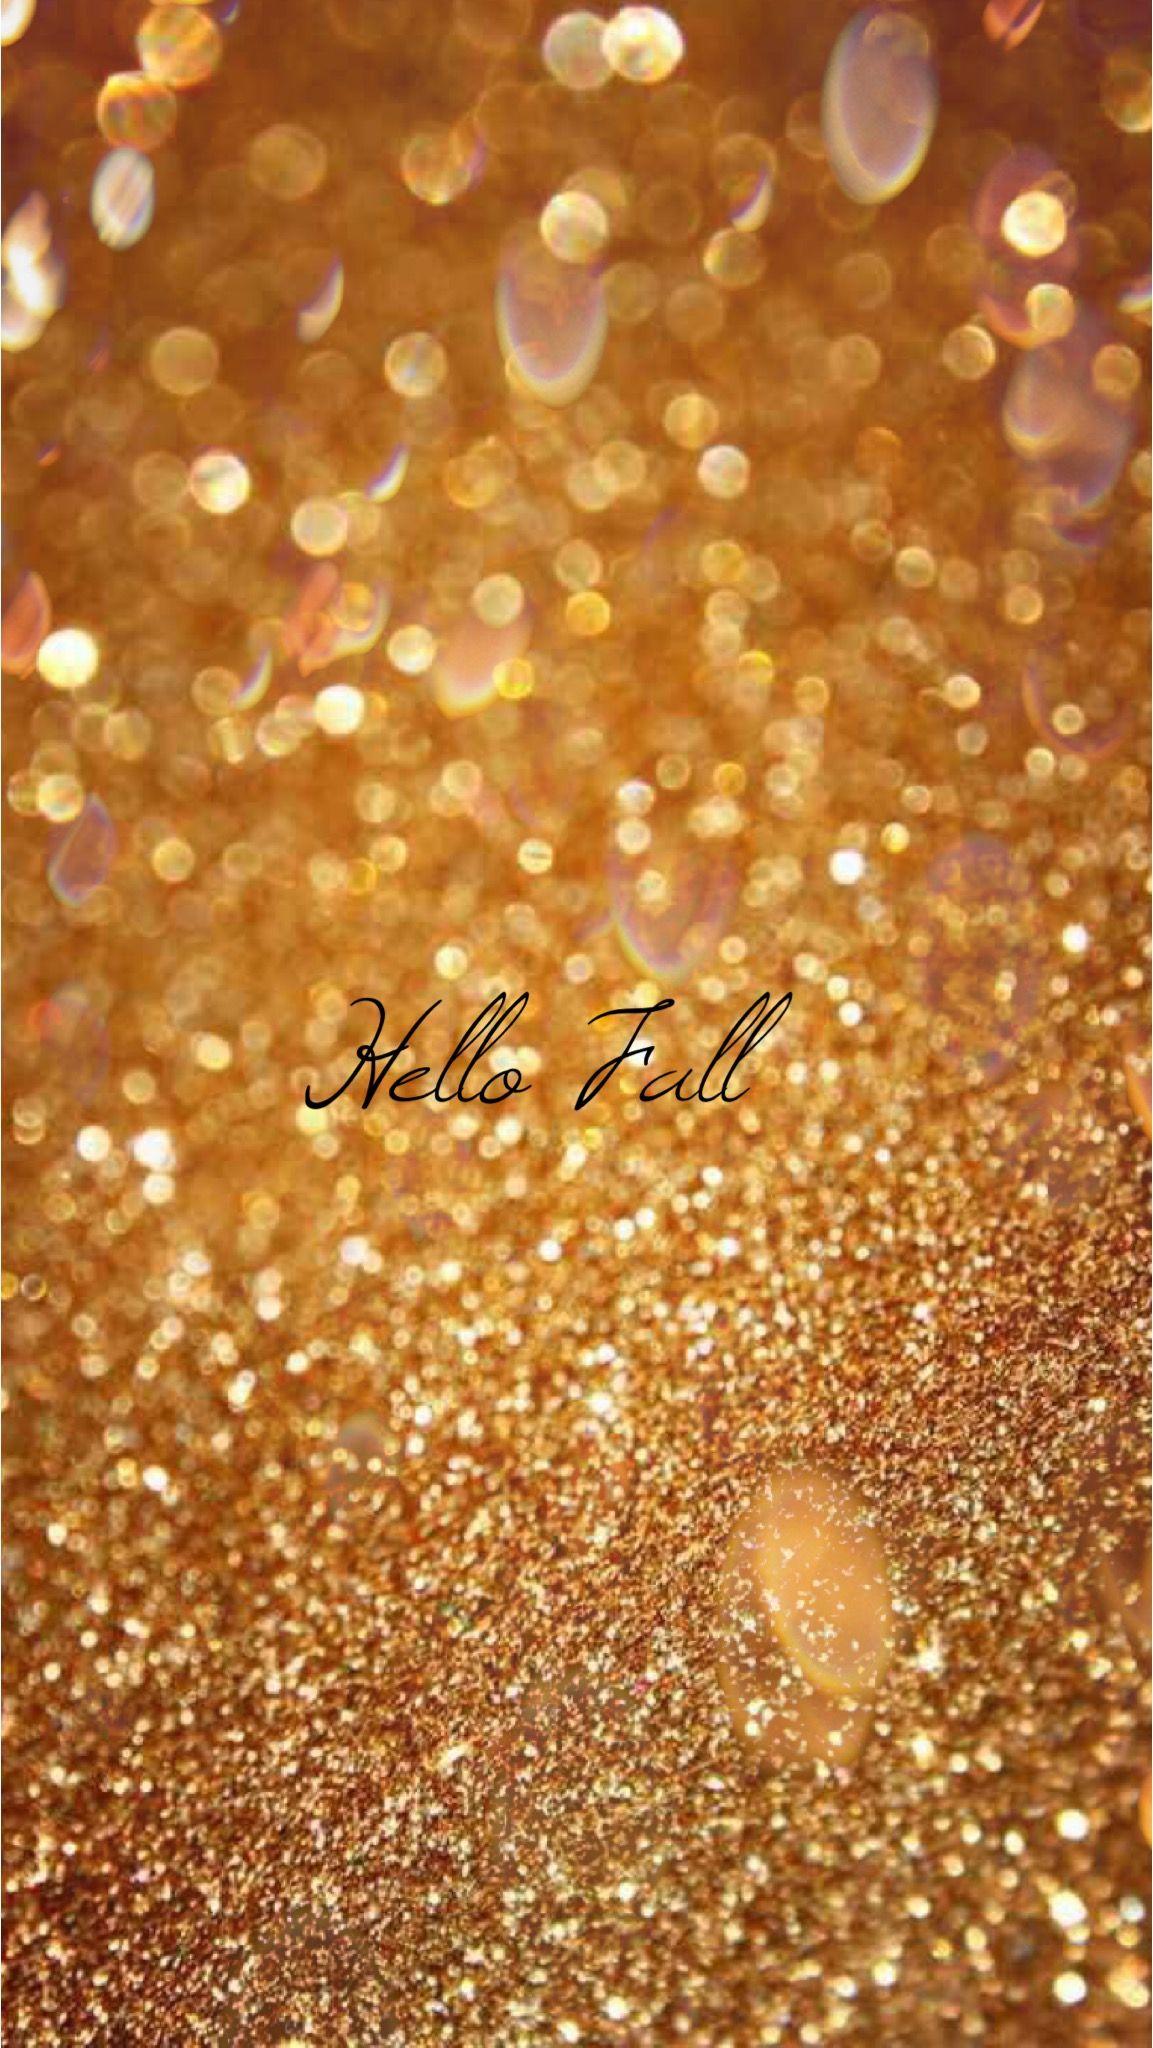 Glitter Gold Fall Iphone Wallpaper Pinterest Llexxus Fond D Ecran Paillette Fond D Ecran Telephone Fond D Ecran Whatsapp